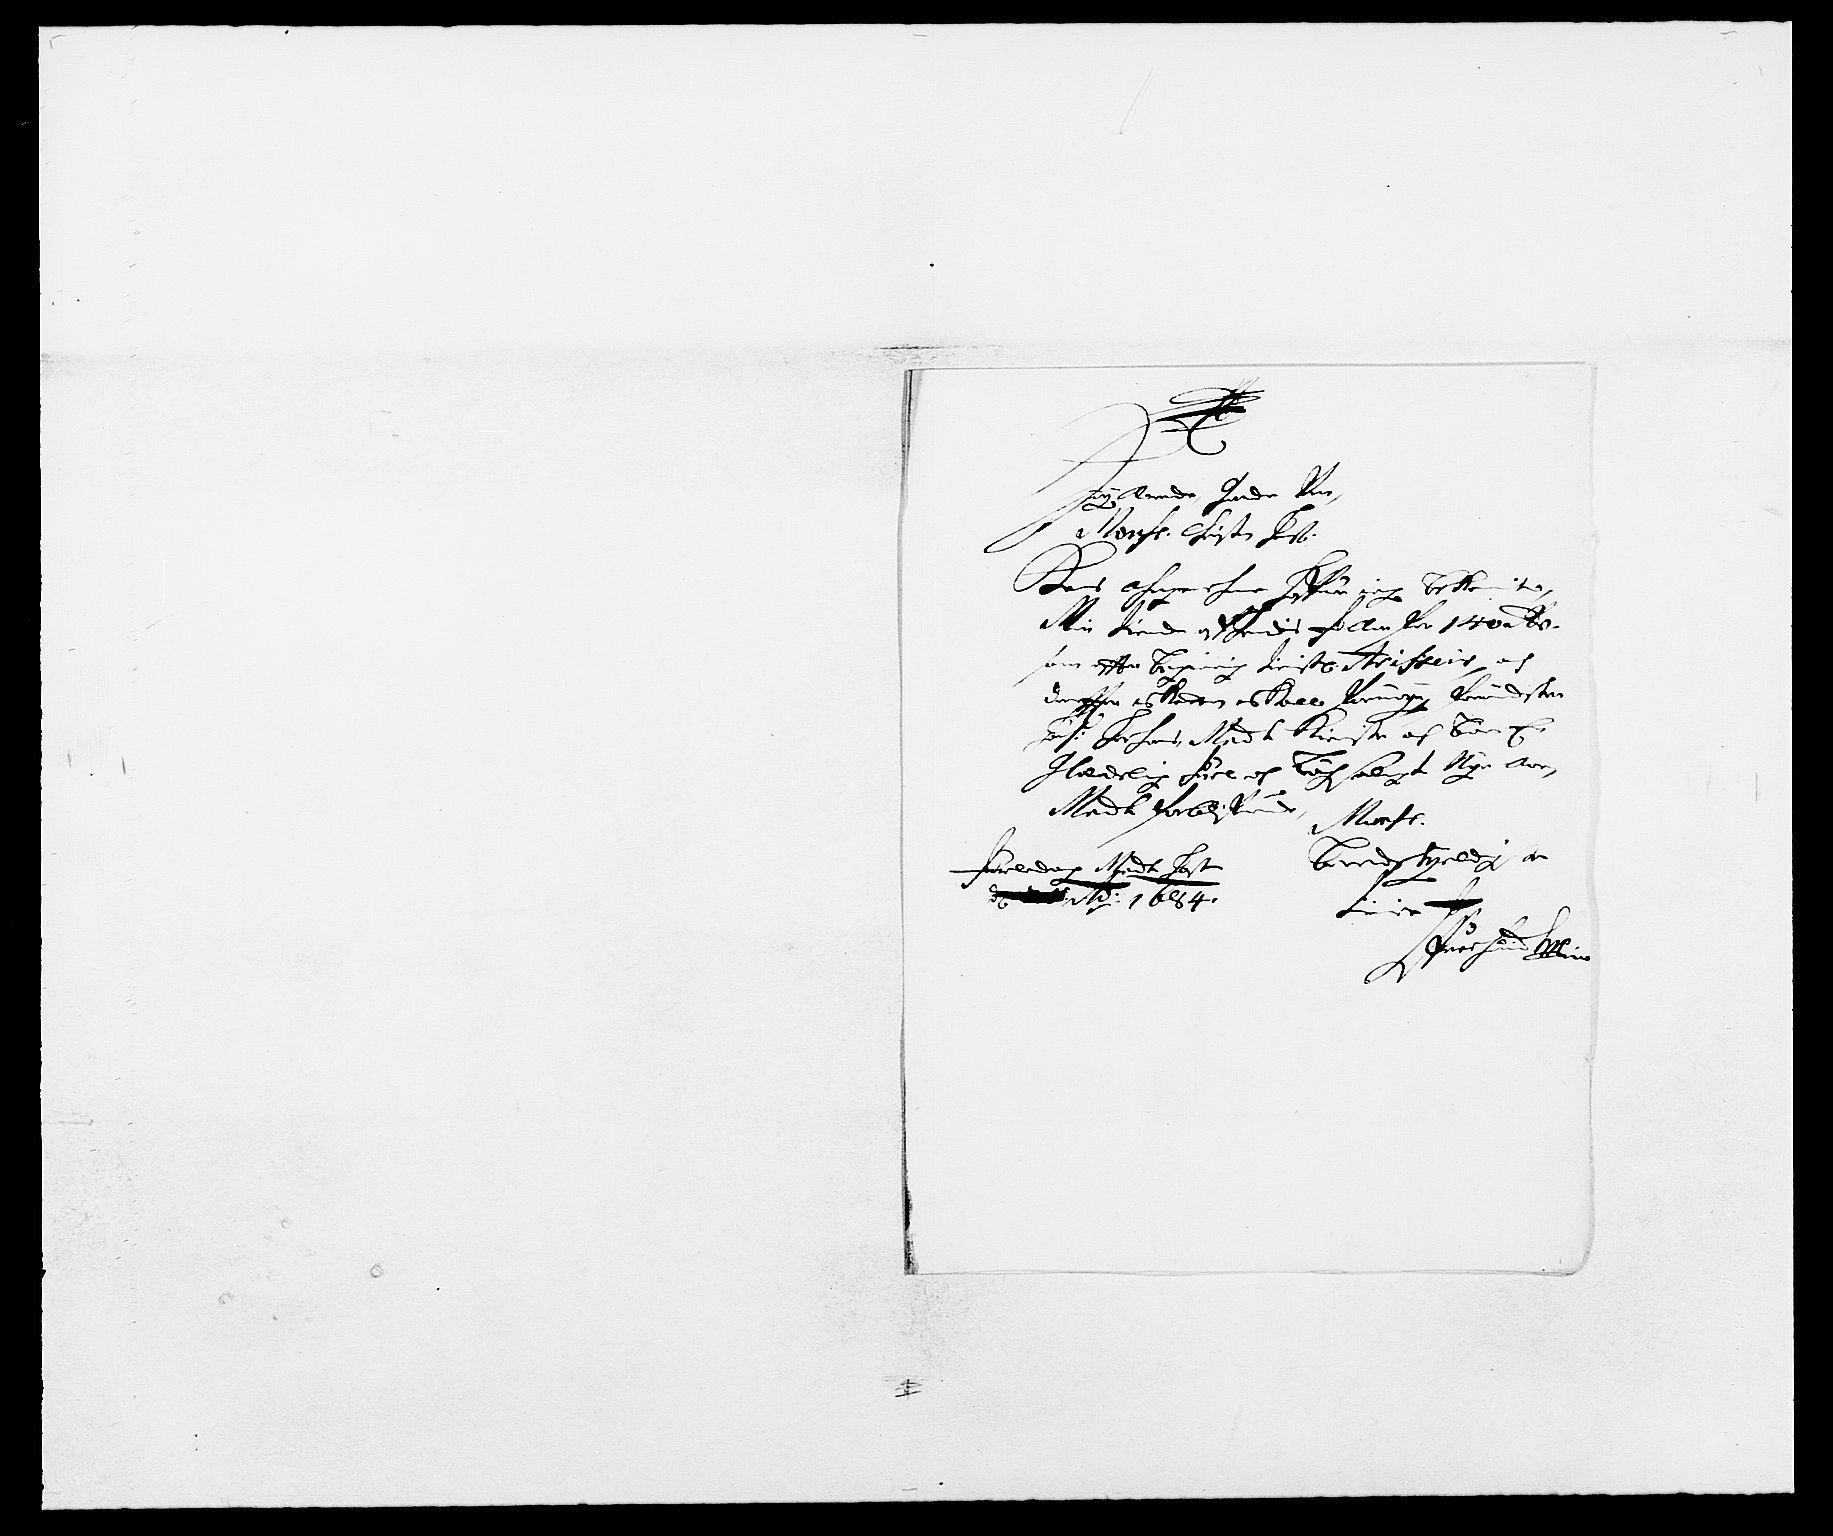 RA, Rentekammeret inntil 1814, Reviderte regnskaper, Fogderegnskap, R08/L0421: Fogderegnskap Aker, 1682-1683, s. 24